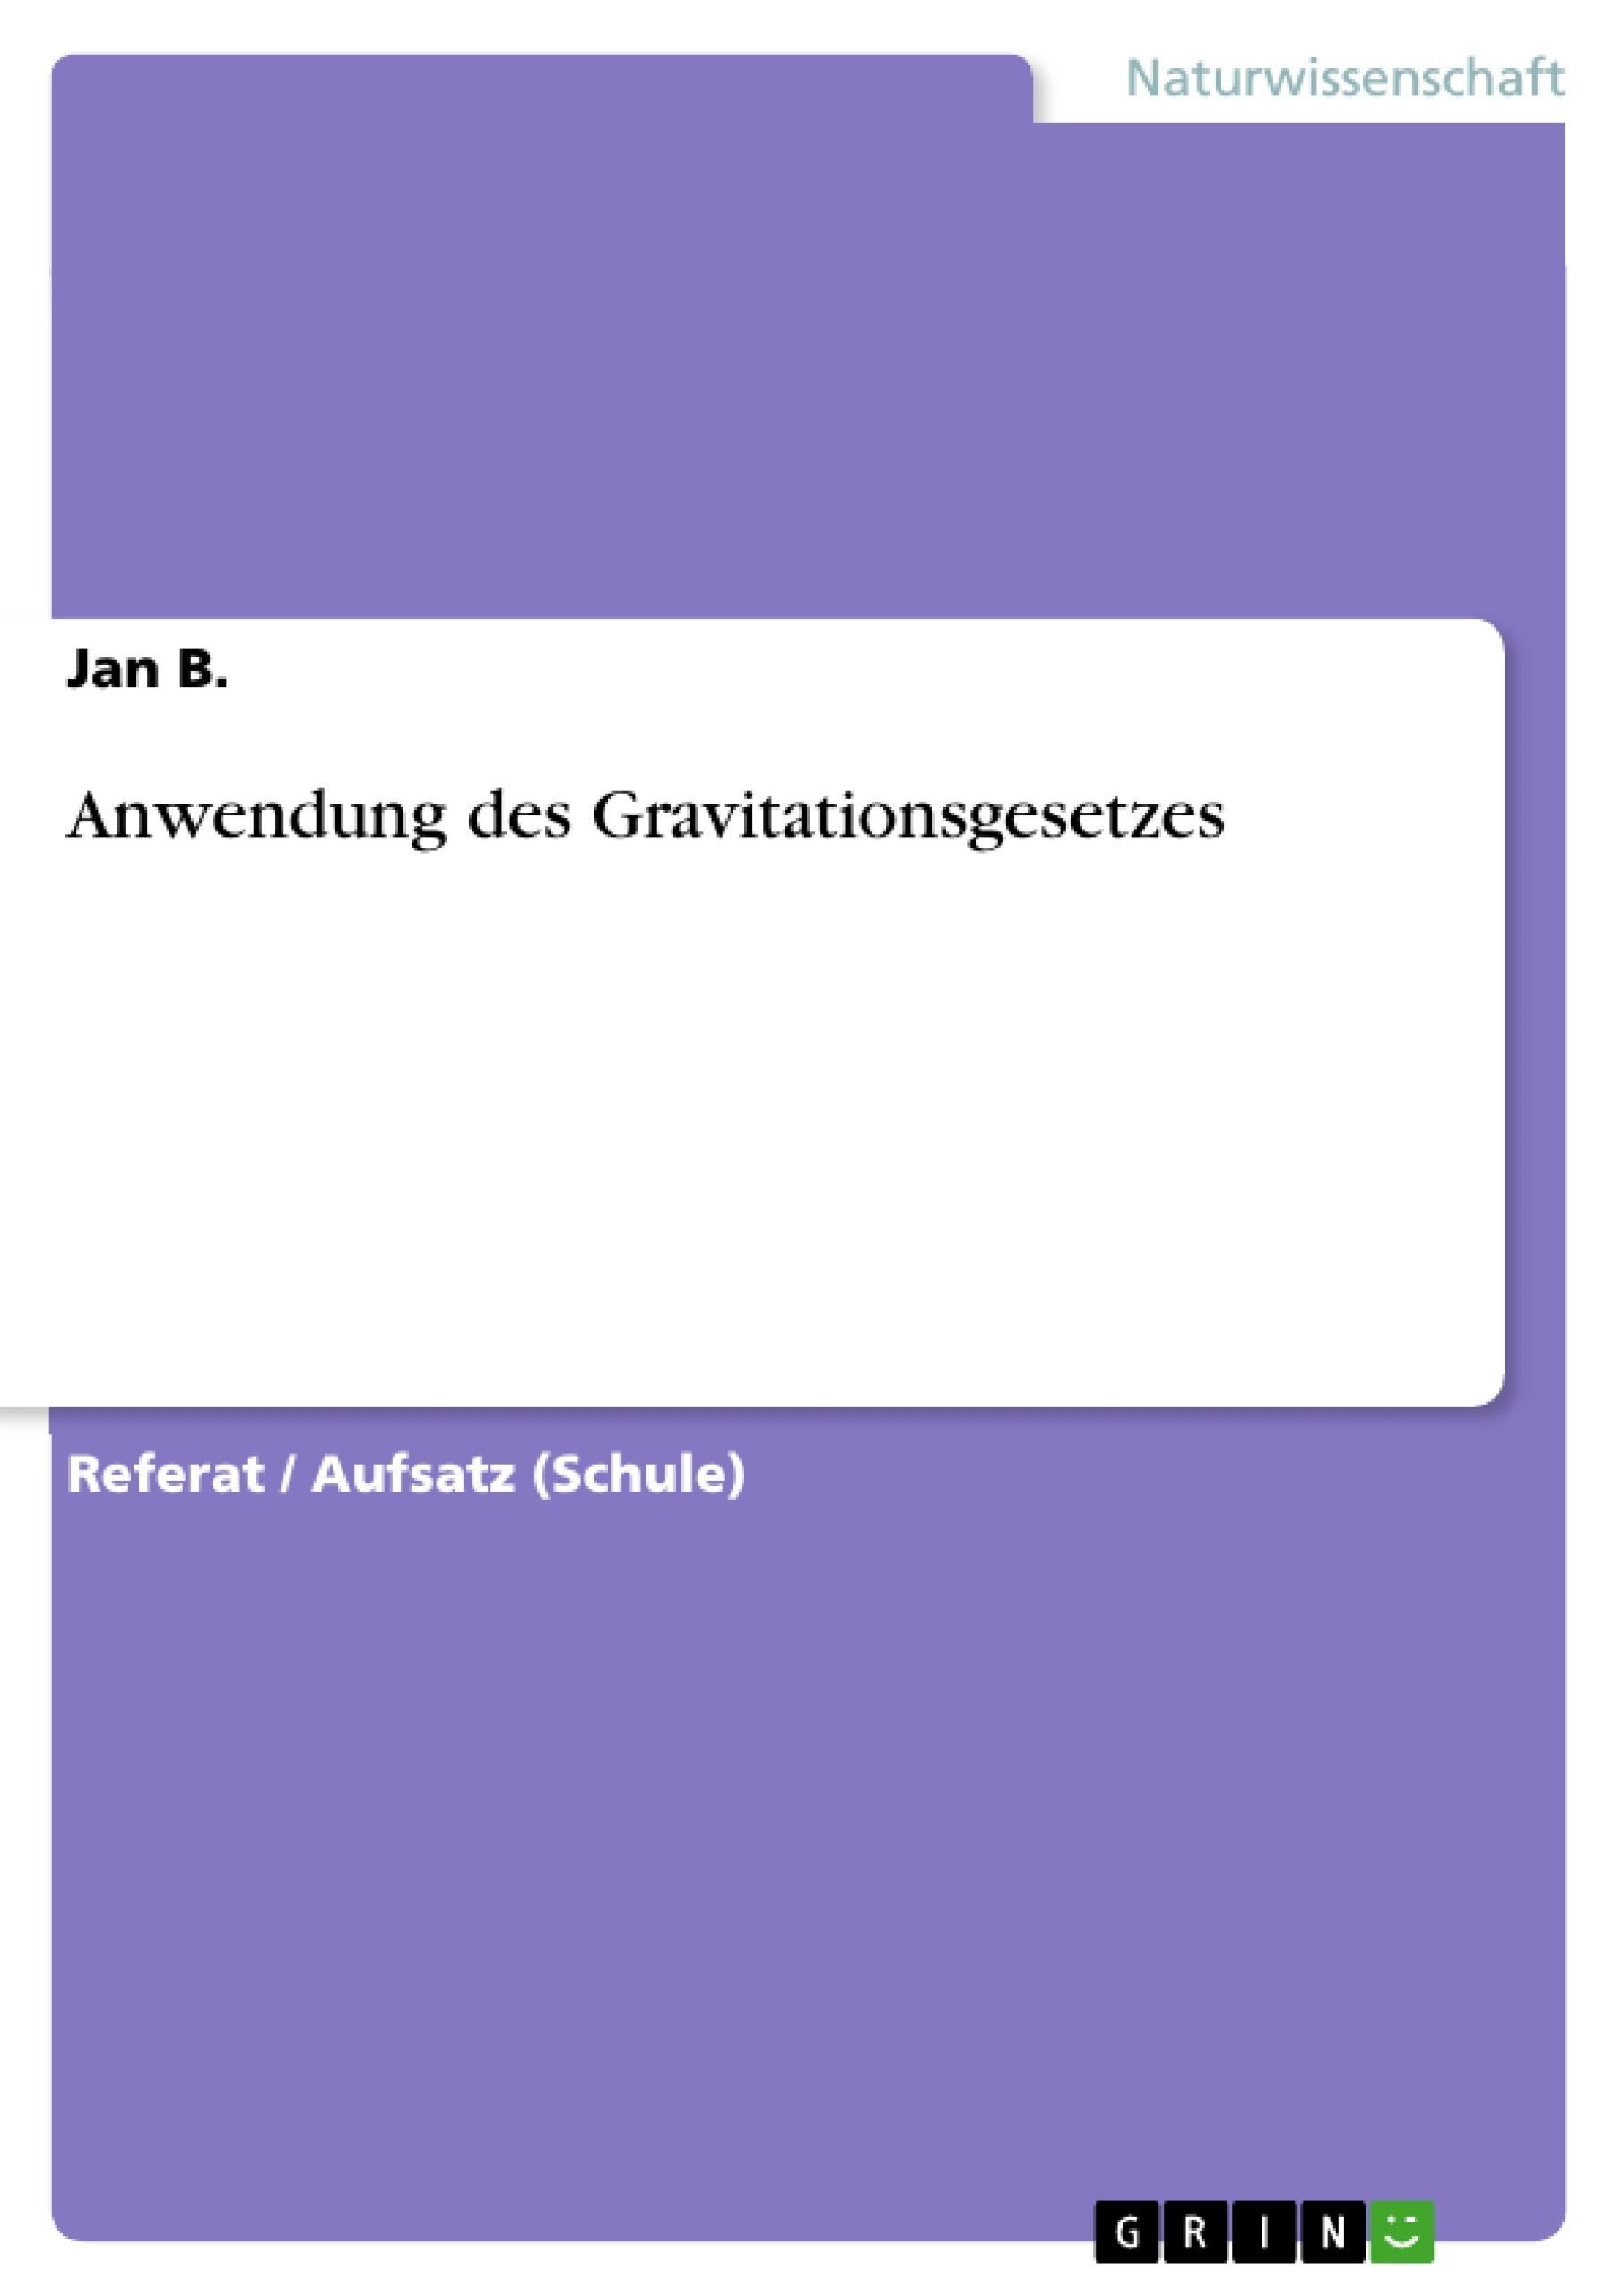 Anwendung des Gravitationsgesetzes | Masterarbeit, Hausarbeit ...